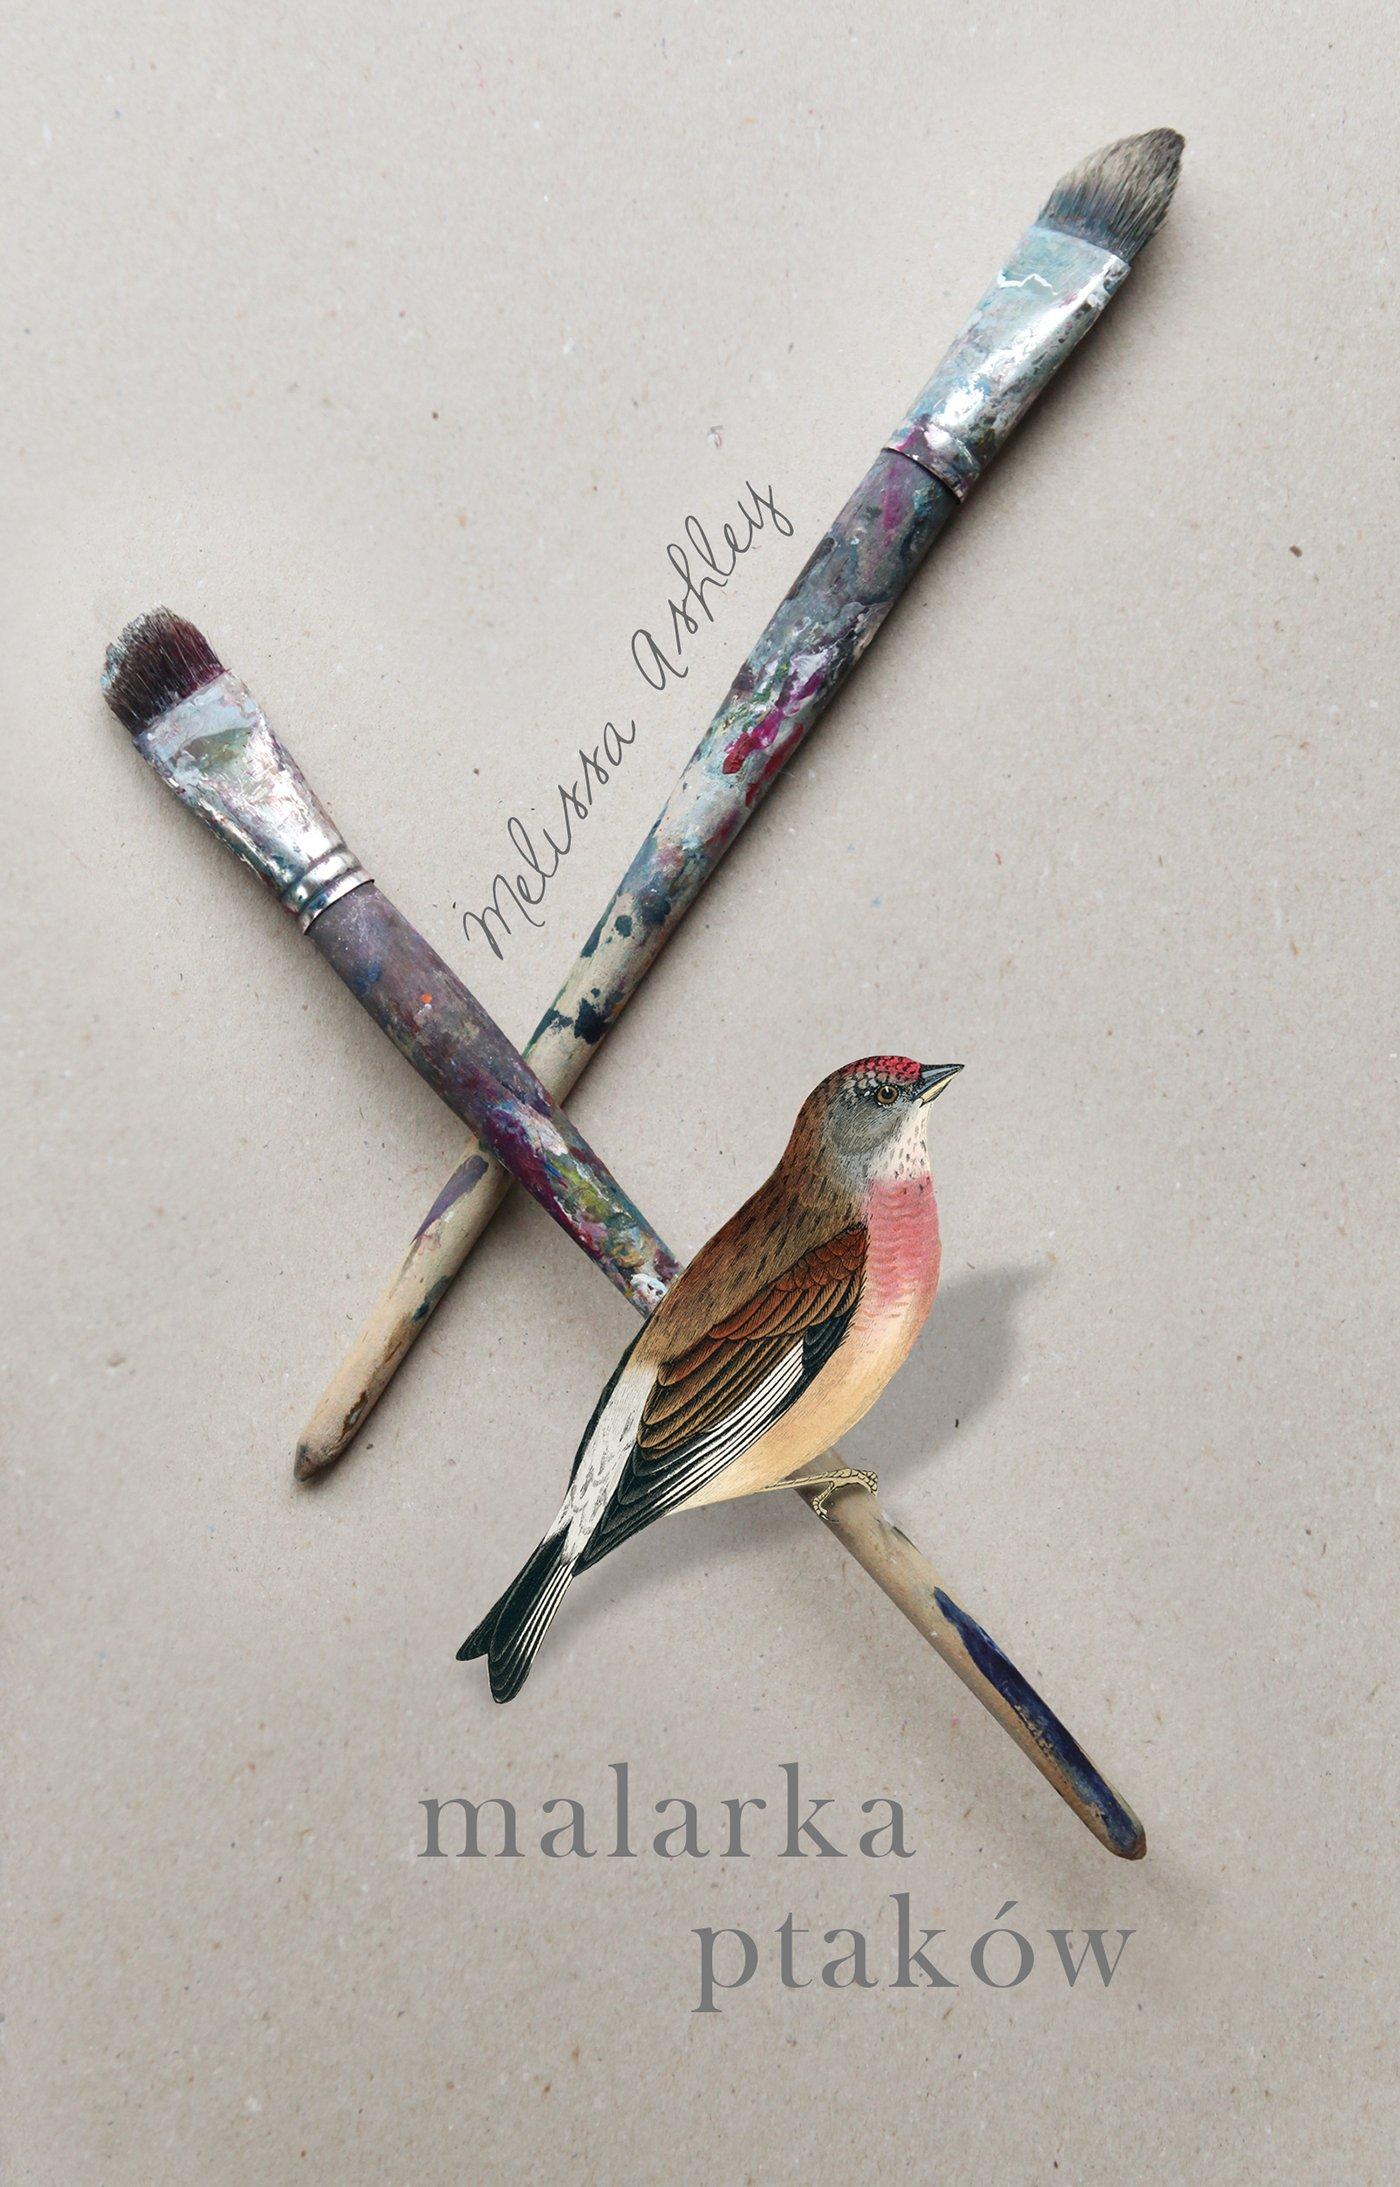 Malarka ptaków - Ebook (Książka EPUB) do pobrania w formacie EPUB